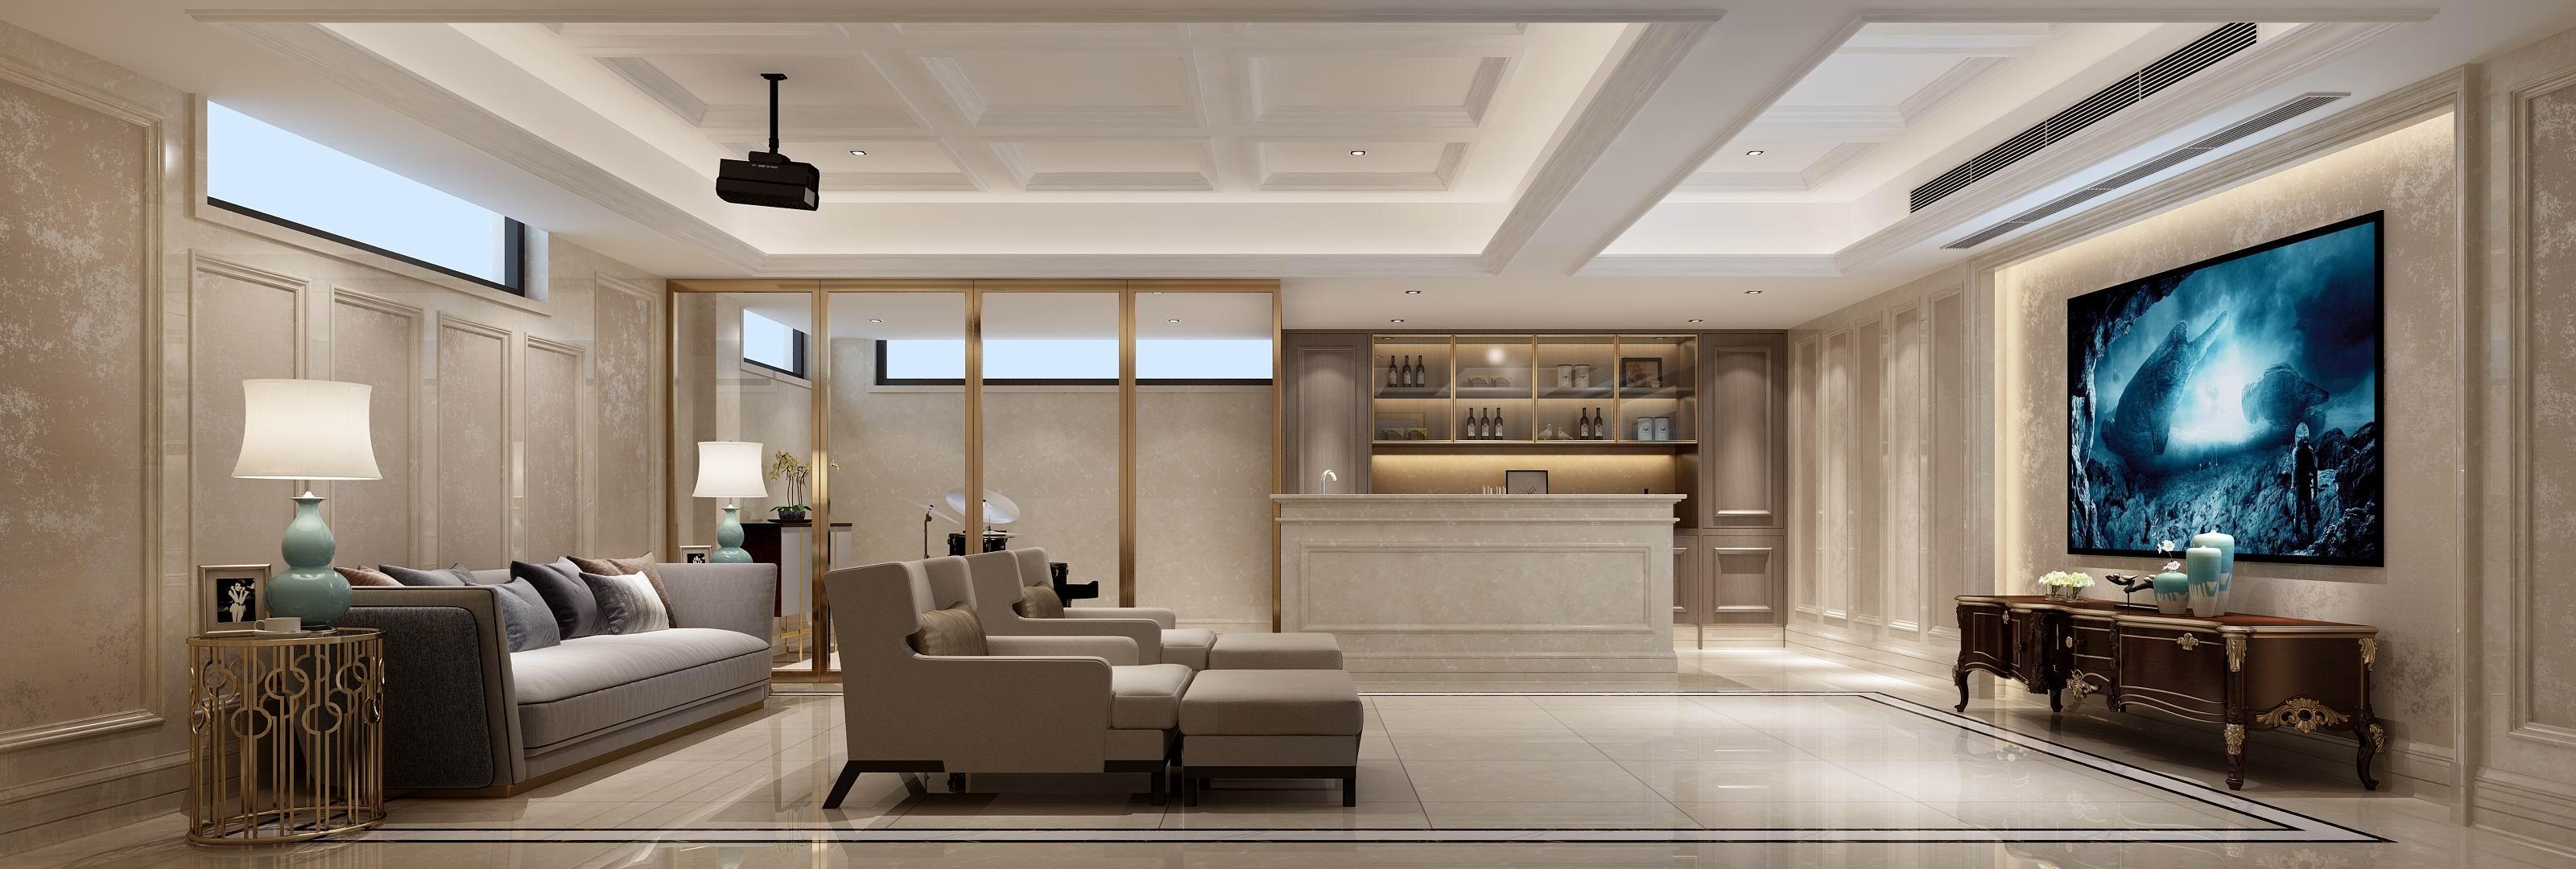 别墅 设计 装修 案例 欧式风格 影音室图片来自无锡别墅设计s在奥林匹克简欧风格别墅设计案例的分享